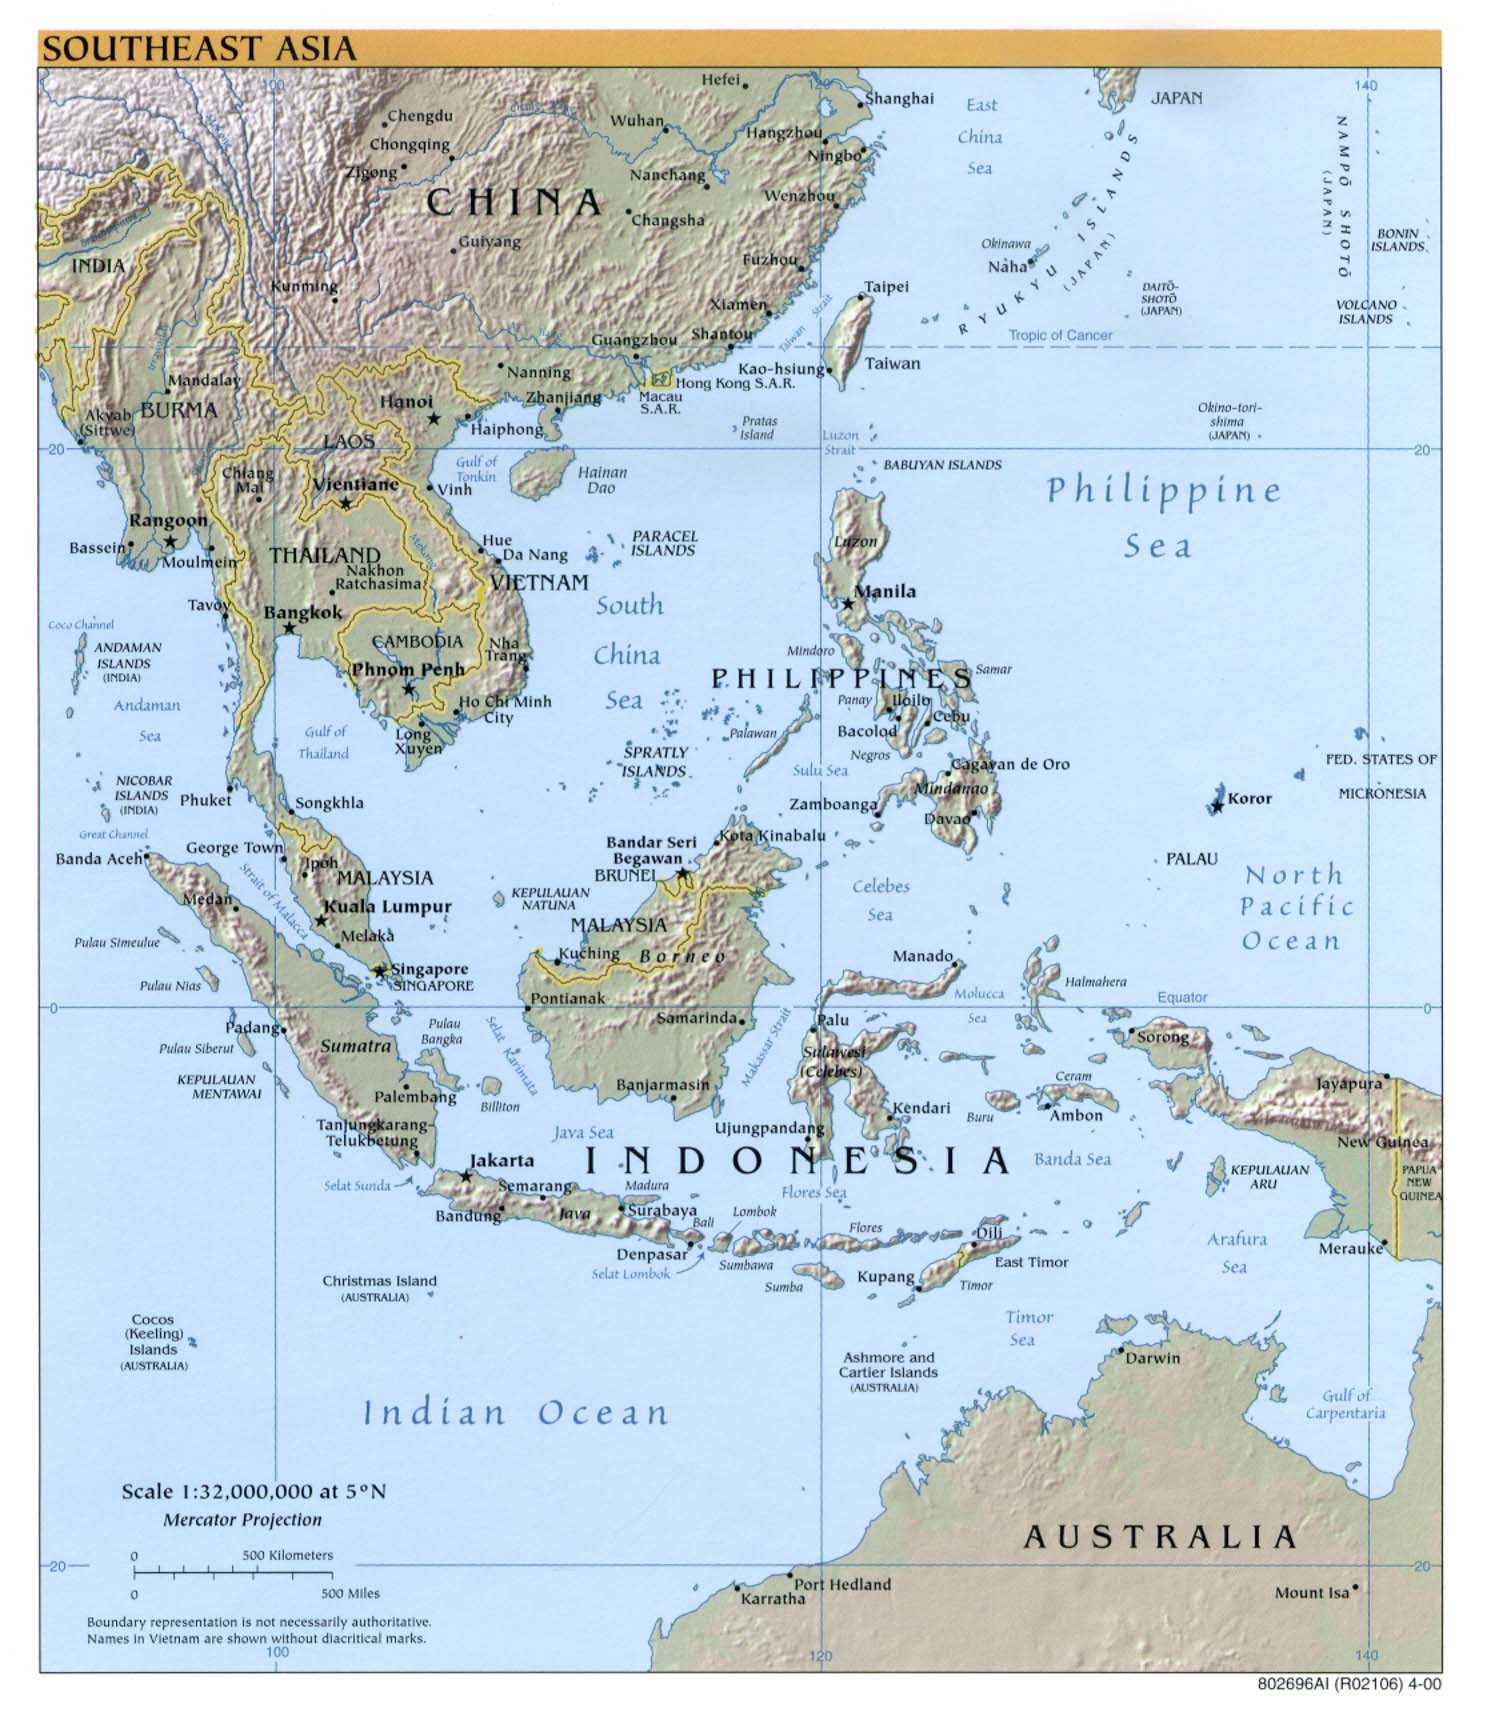 Mapa Físico del Sureste Asiático 2000